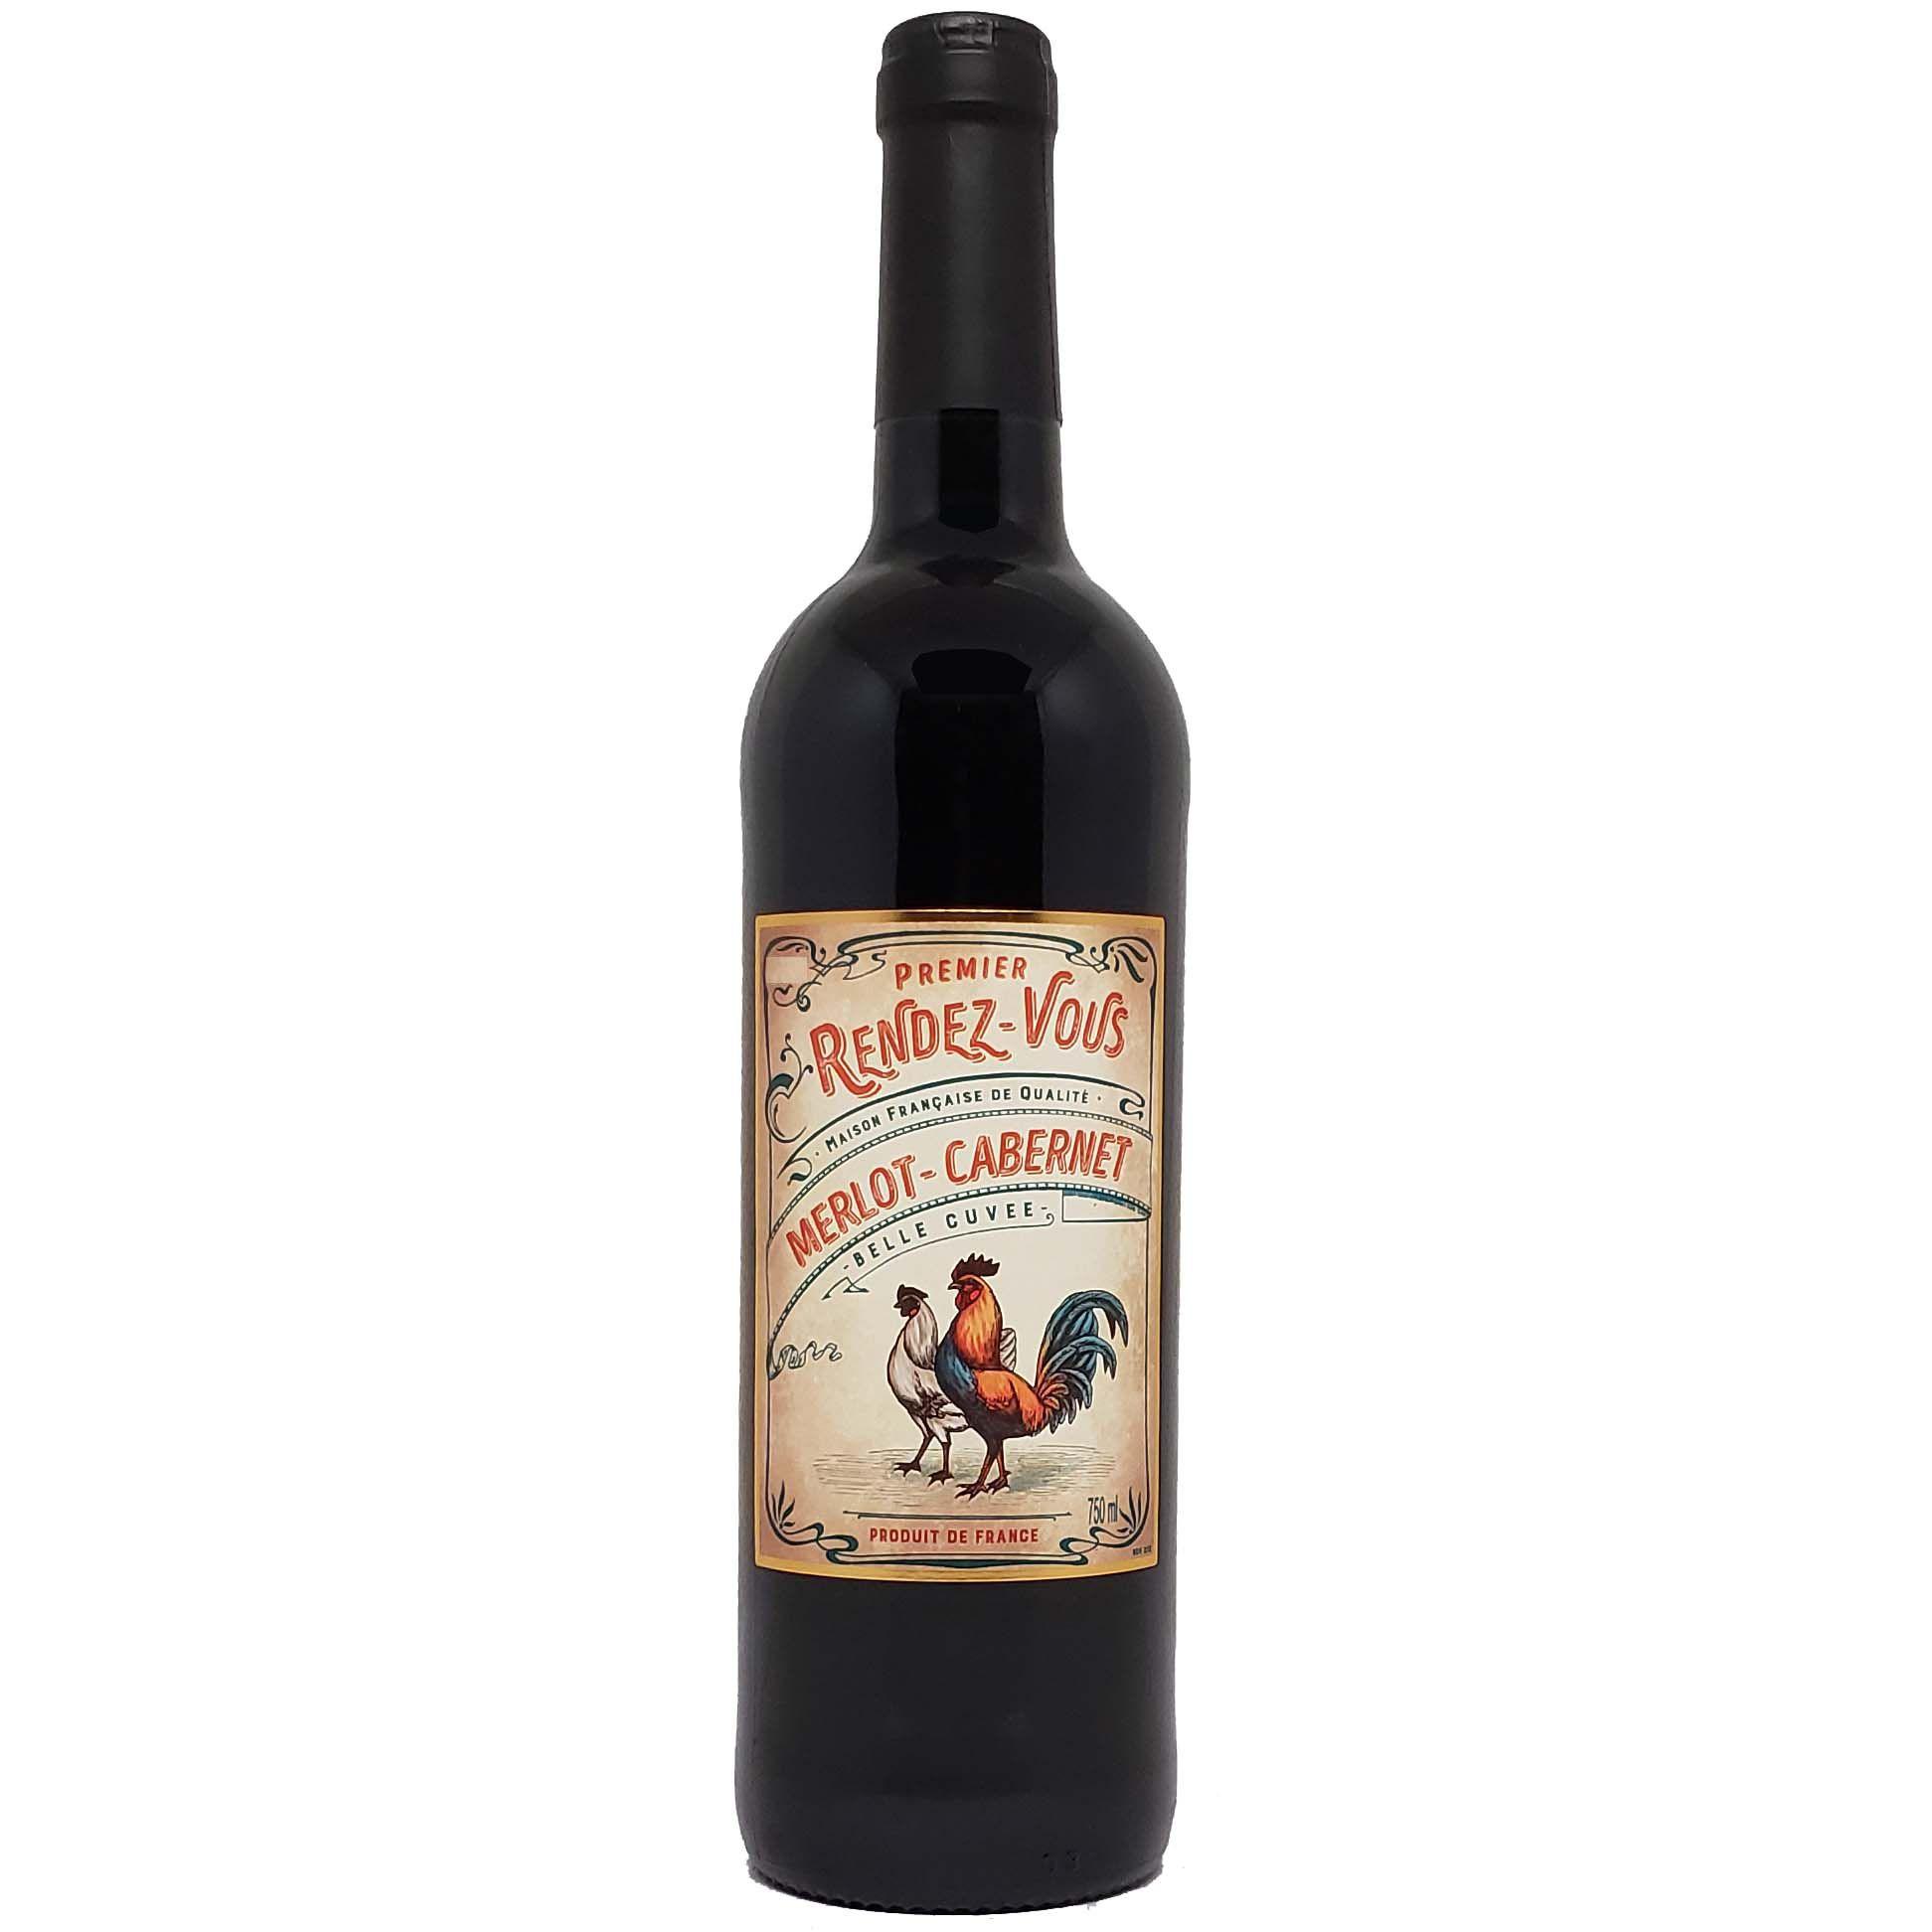 Vinho Tinto Premier Rendez Vous Merlot Cabernet Sauvignon - 750ml -